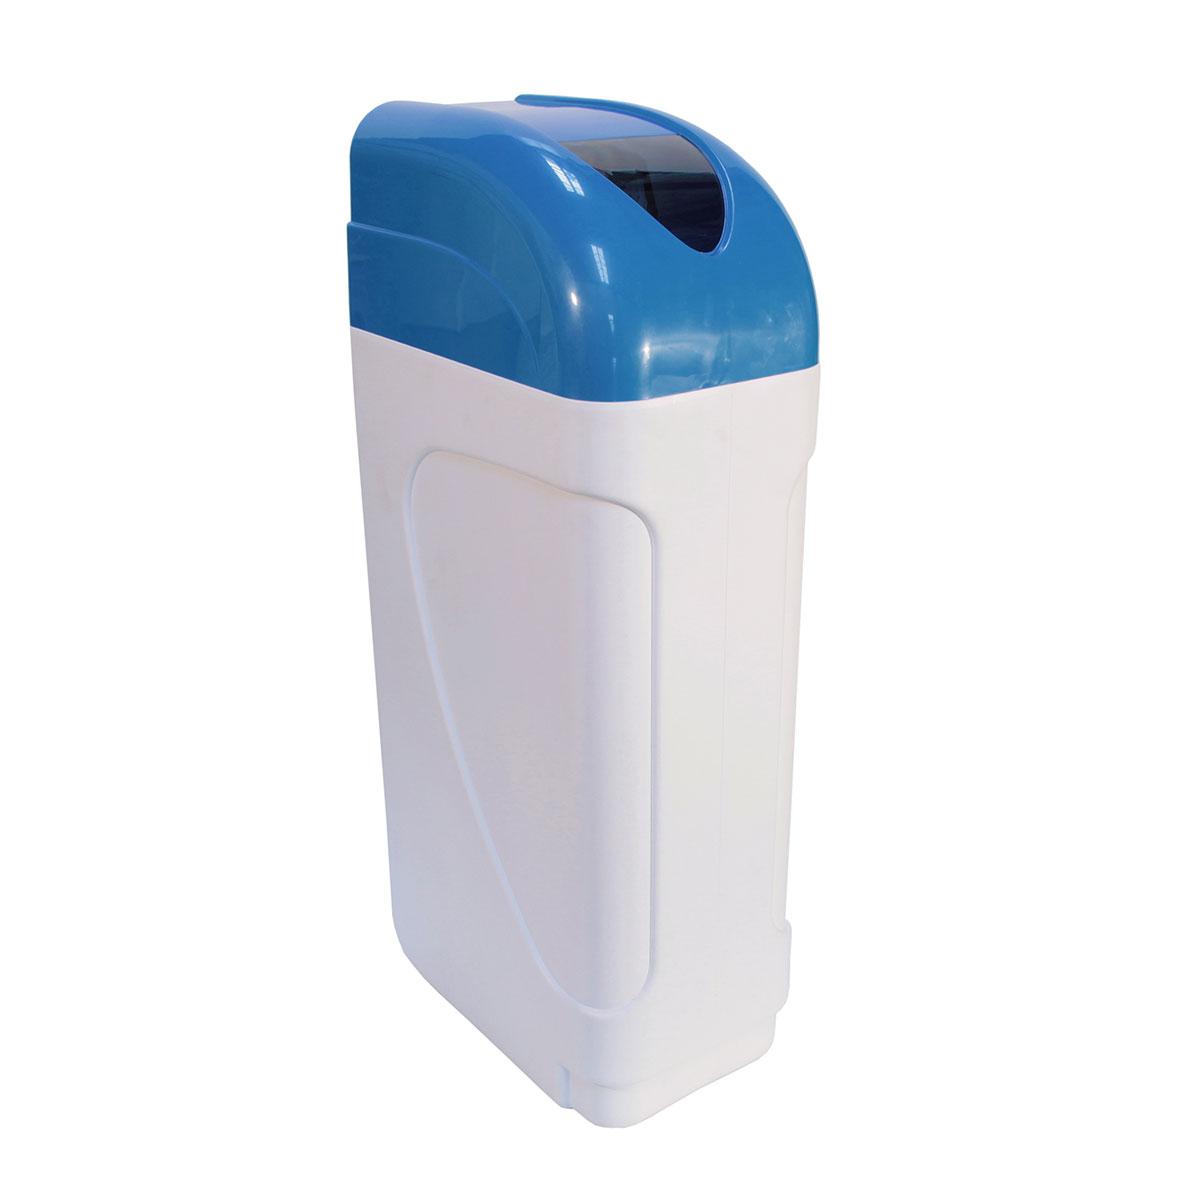 Кабинетный умягчитель воды Clack™ U Cab